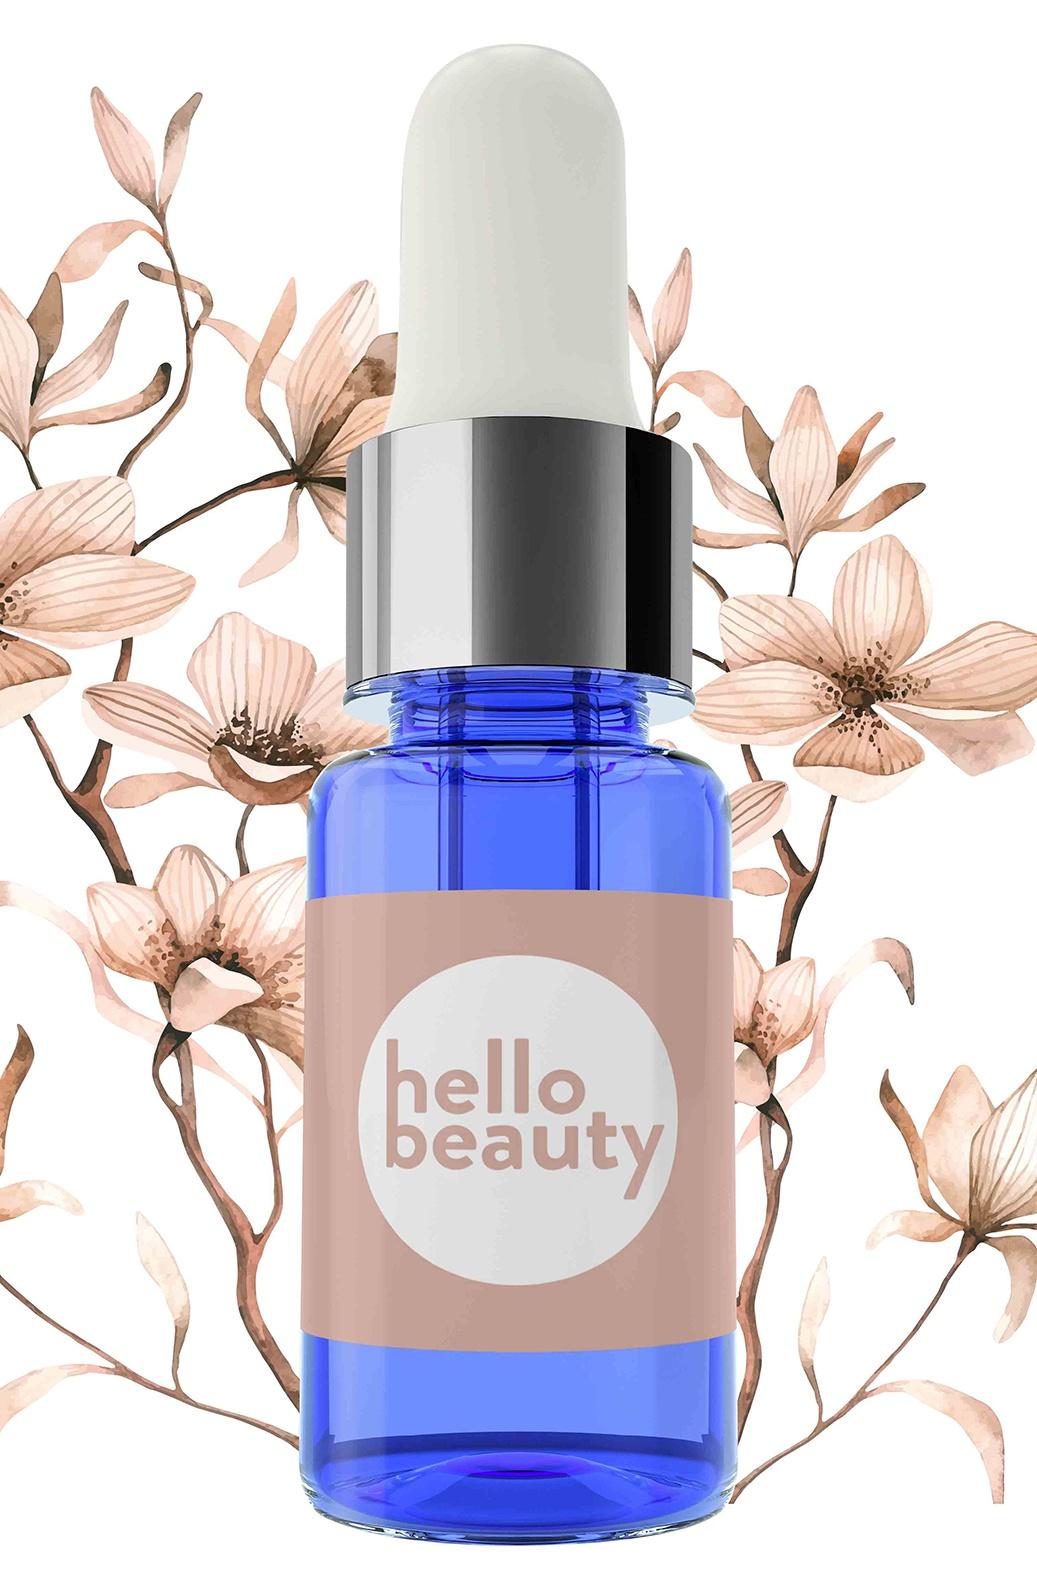 Сыворотка для лица Hello Beauty, для кожи вокруг глаз, 30 мл сыворотка для кожи вокруг глаз экстракты ценных азиатских растений